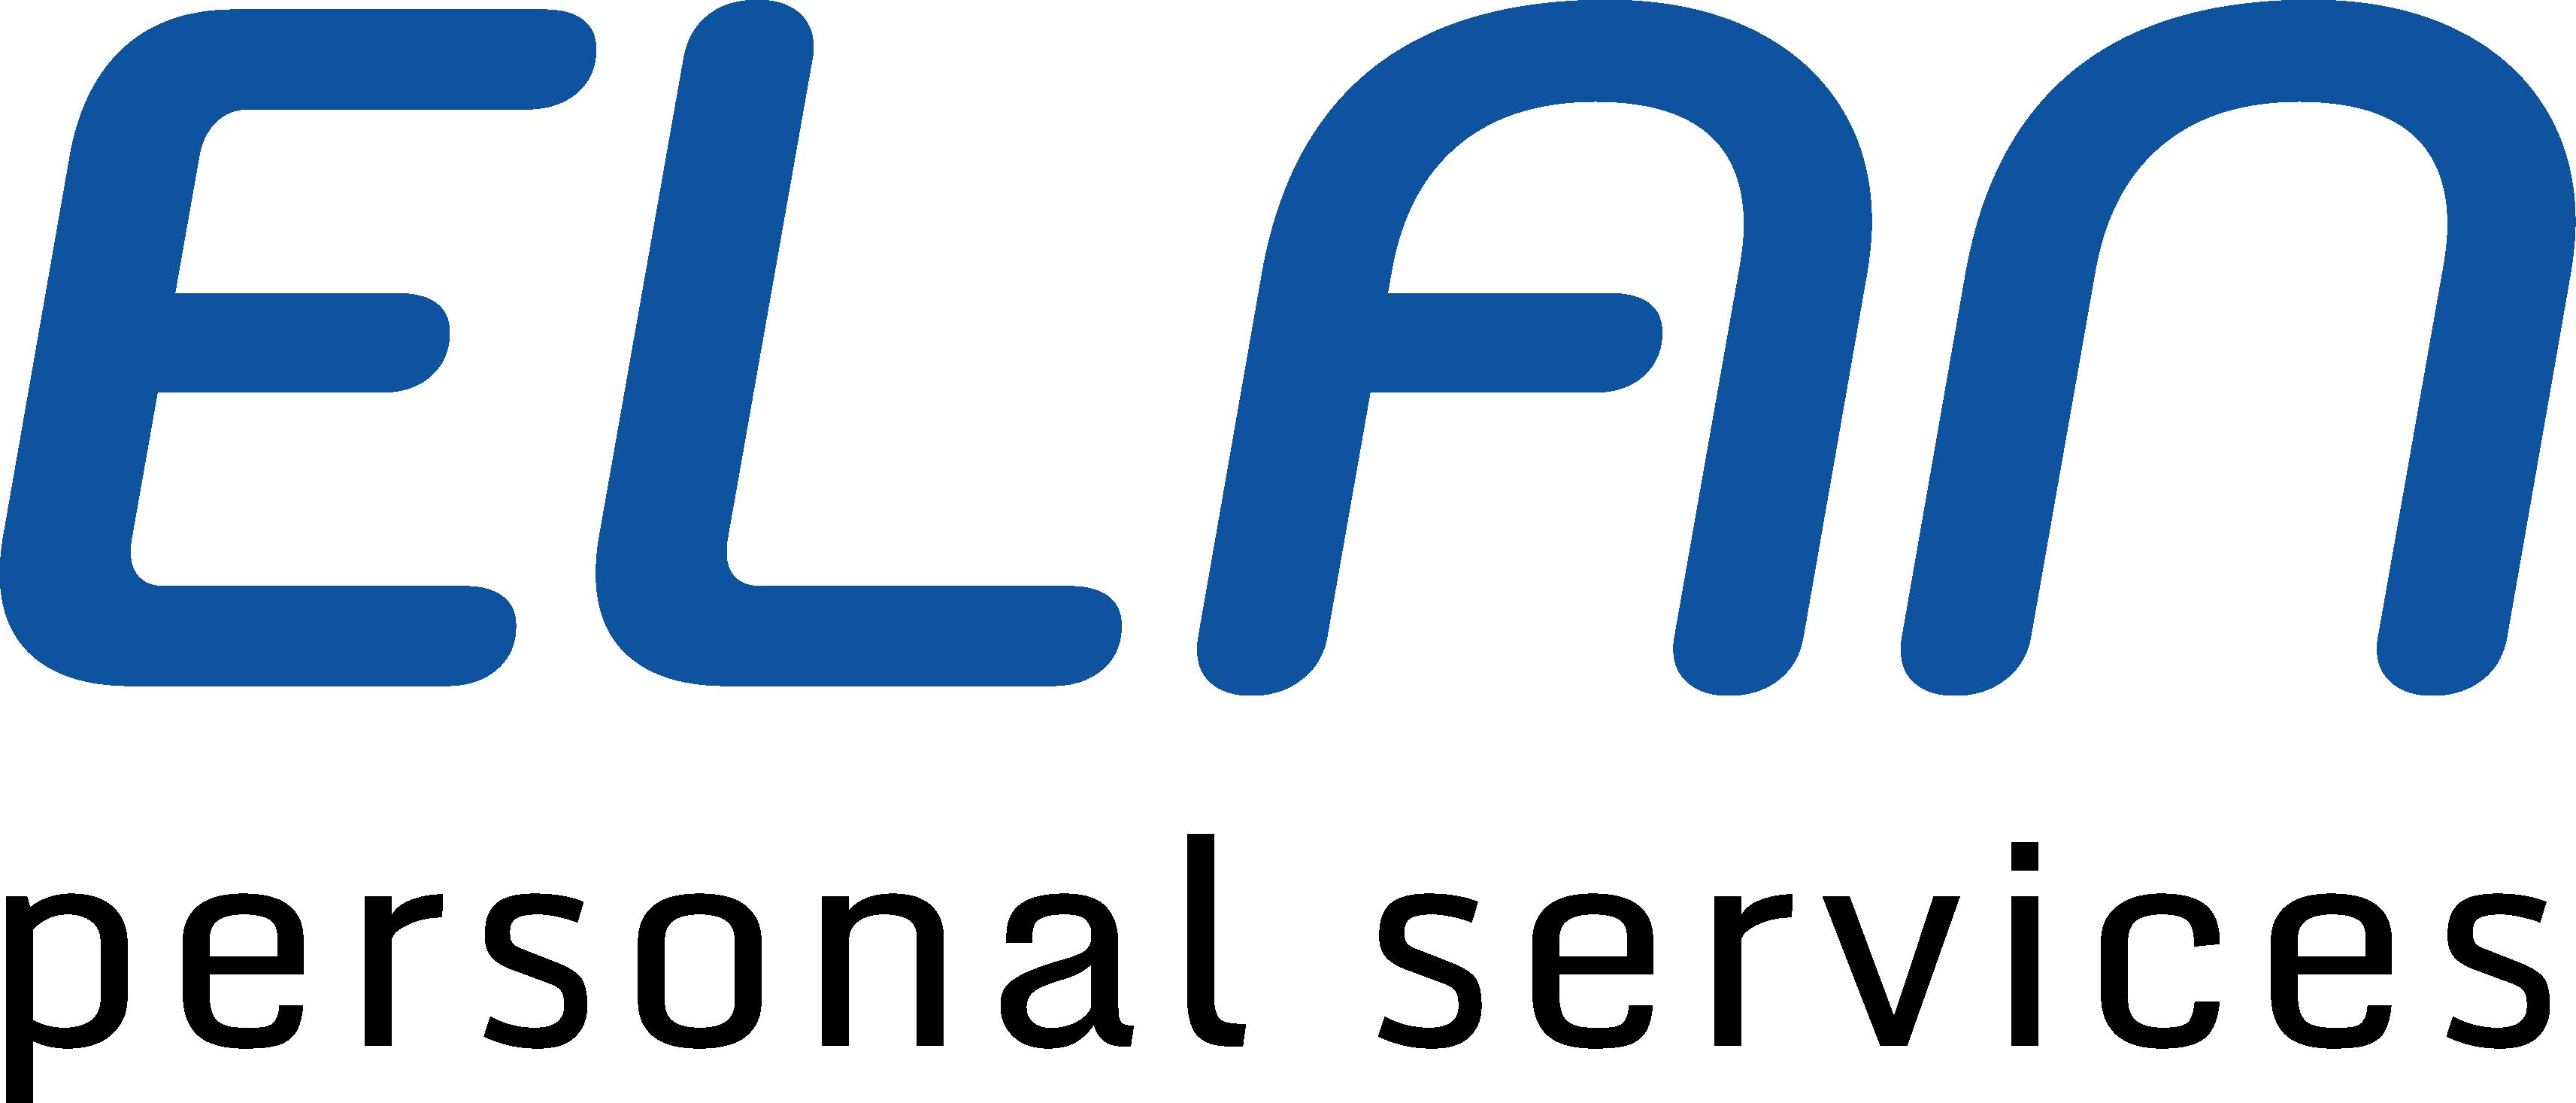 elan logo footer